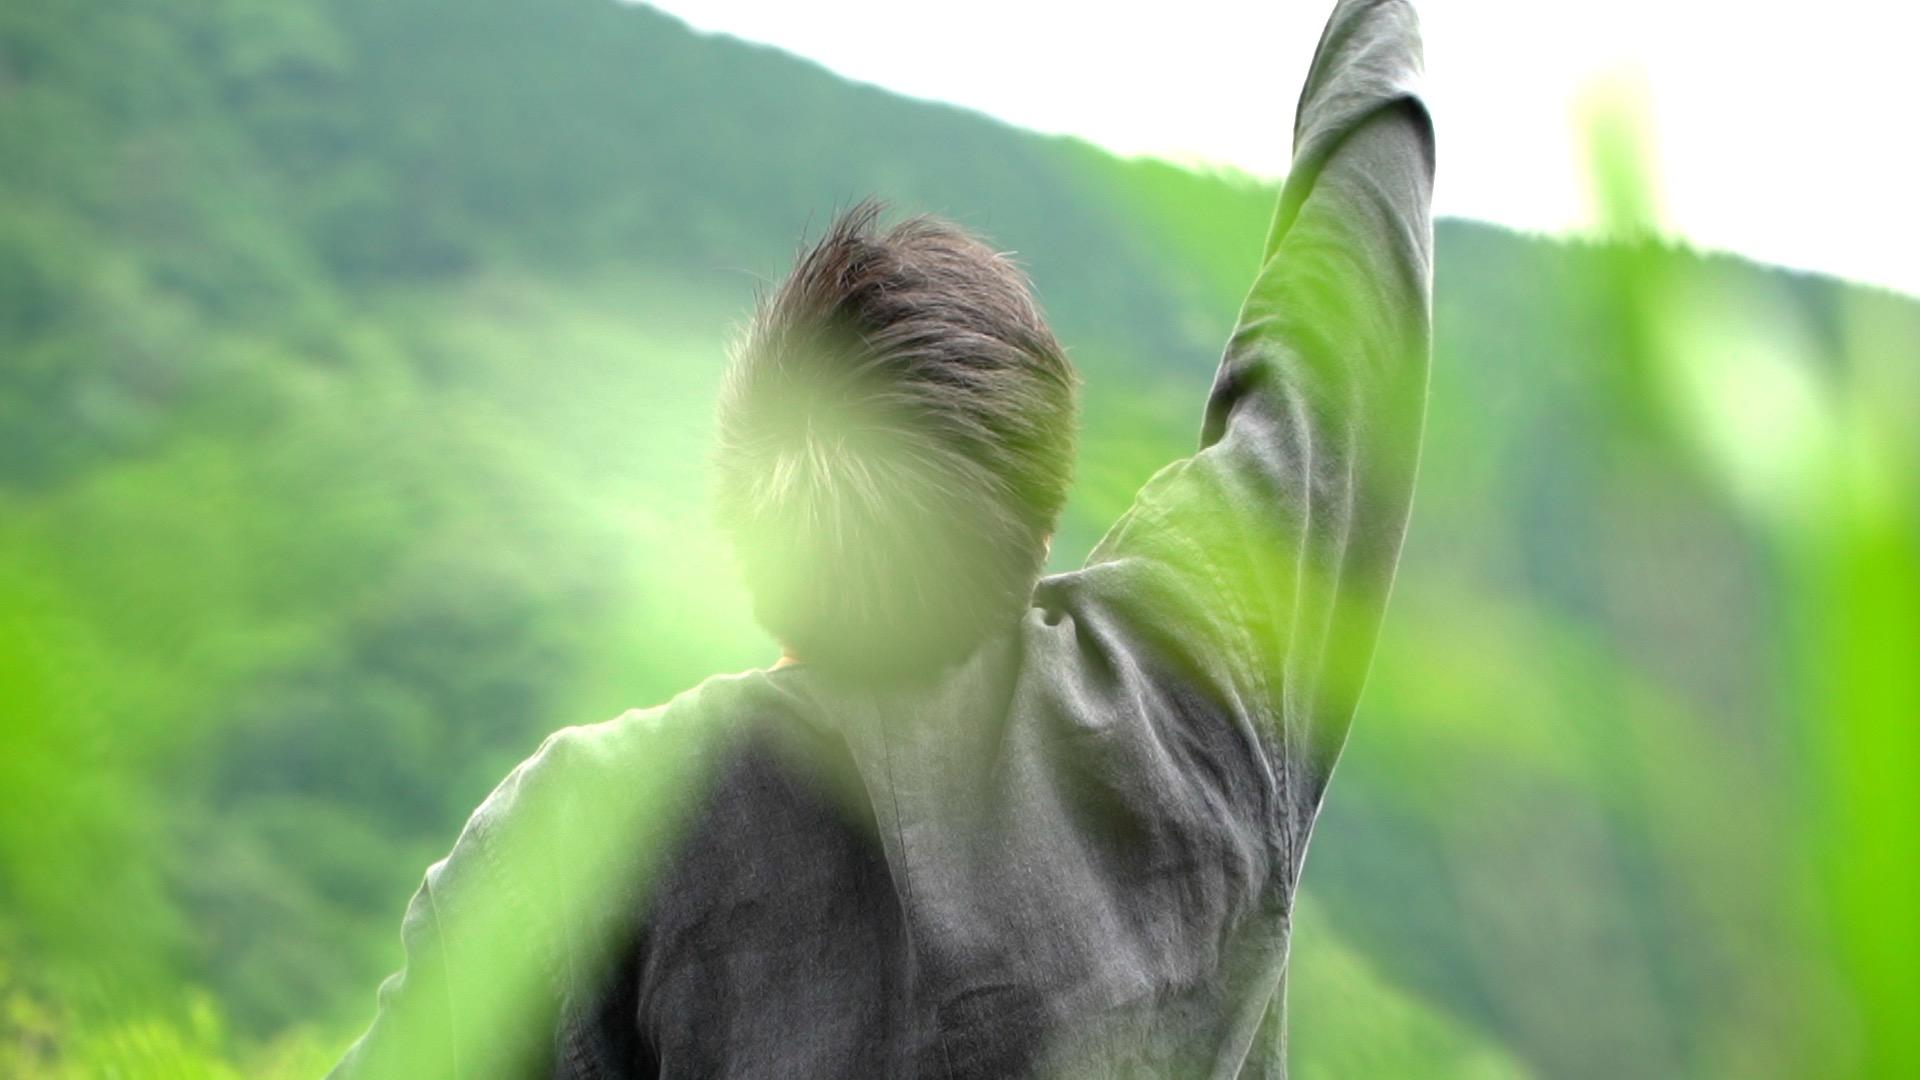 【動画撮影実績】身体革命 常識を超えるカラダの使い方・曽根様